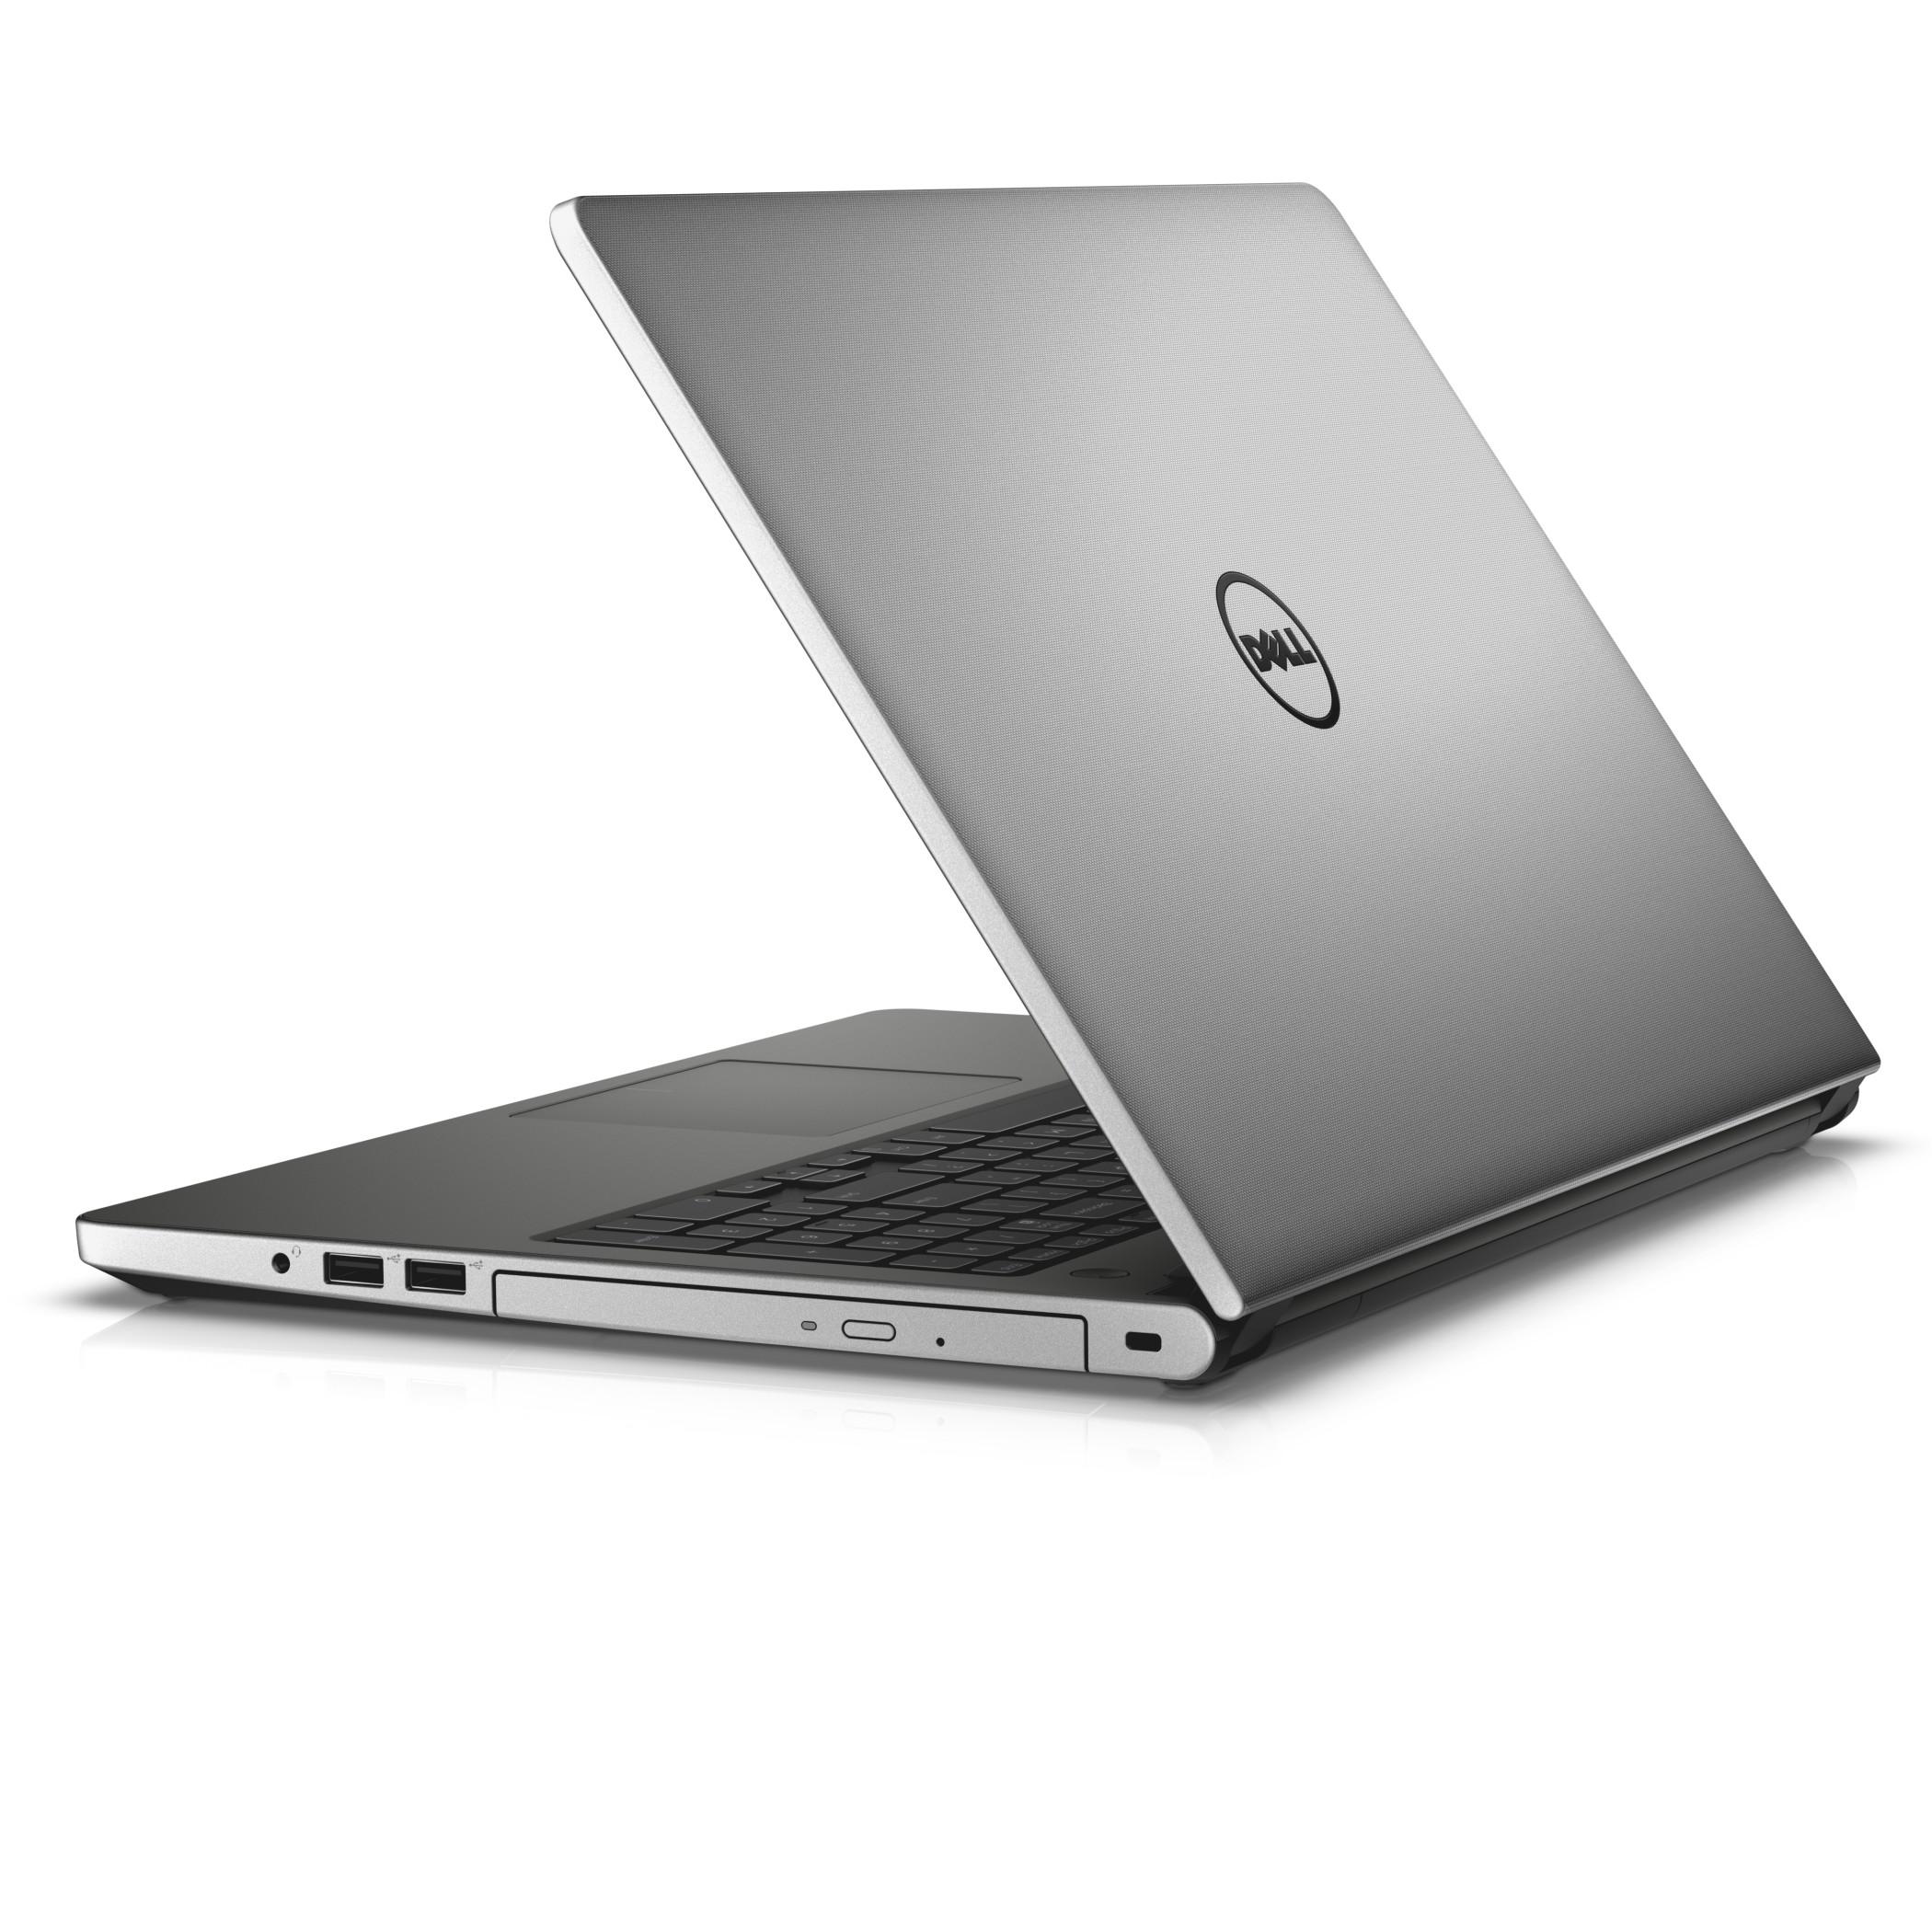 """Dell Inspiron 5559 15"""" HD i5-6200U/4G/1TB/M335-4G/MCR/HDMI/USB/RJ45/DVD/W10/2RNBD/Stříbrný"""